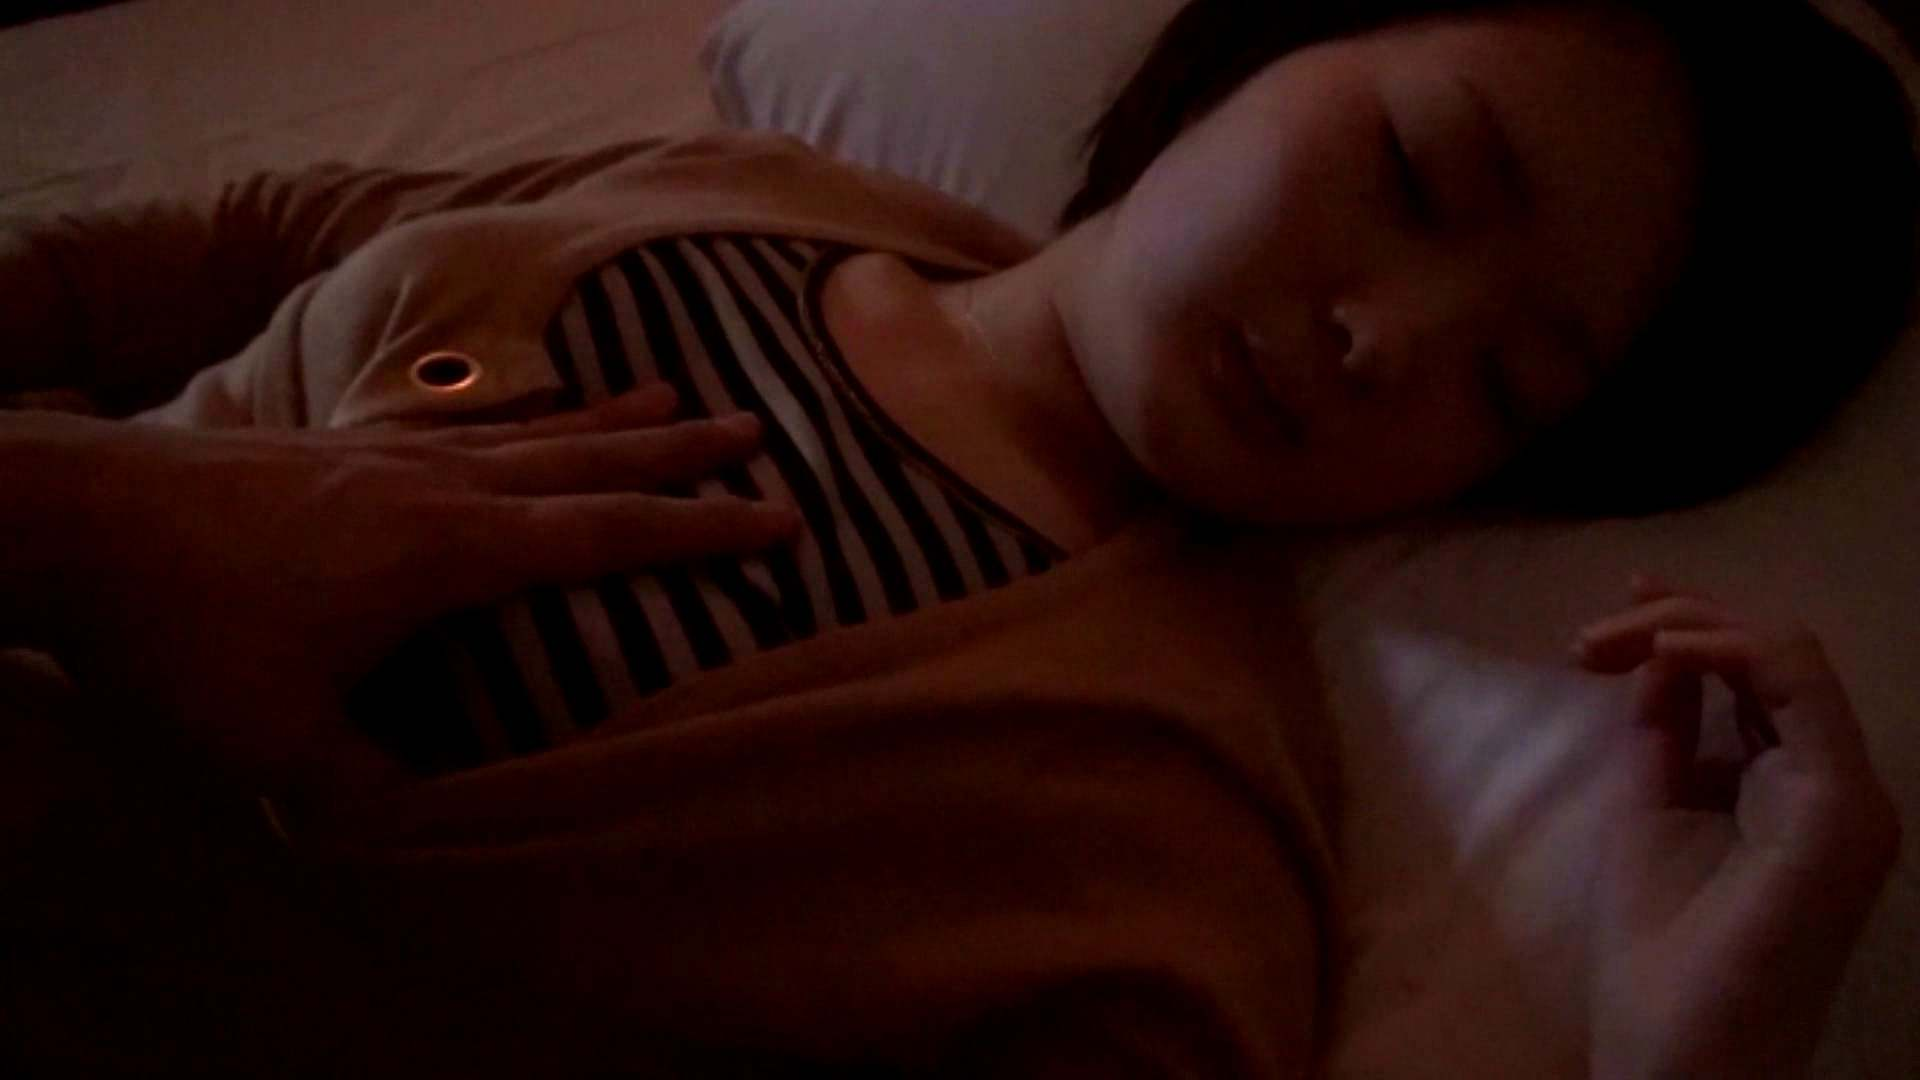 vol.31 【KTちゃん】現役JD居酒屋アルバイト 3回目? 女子大生 AV動画キャプチャ 93枚 33